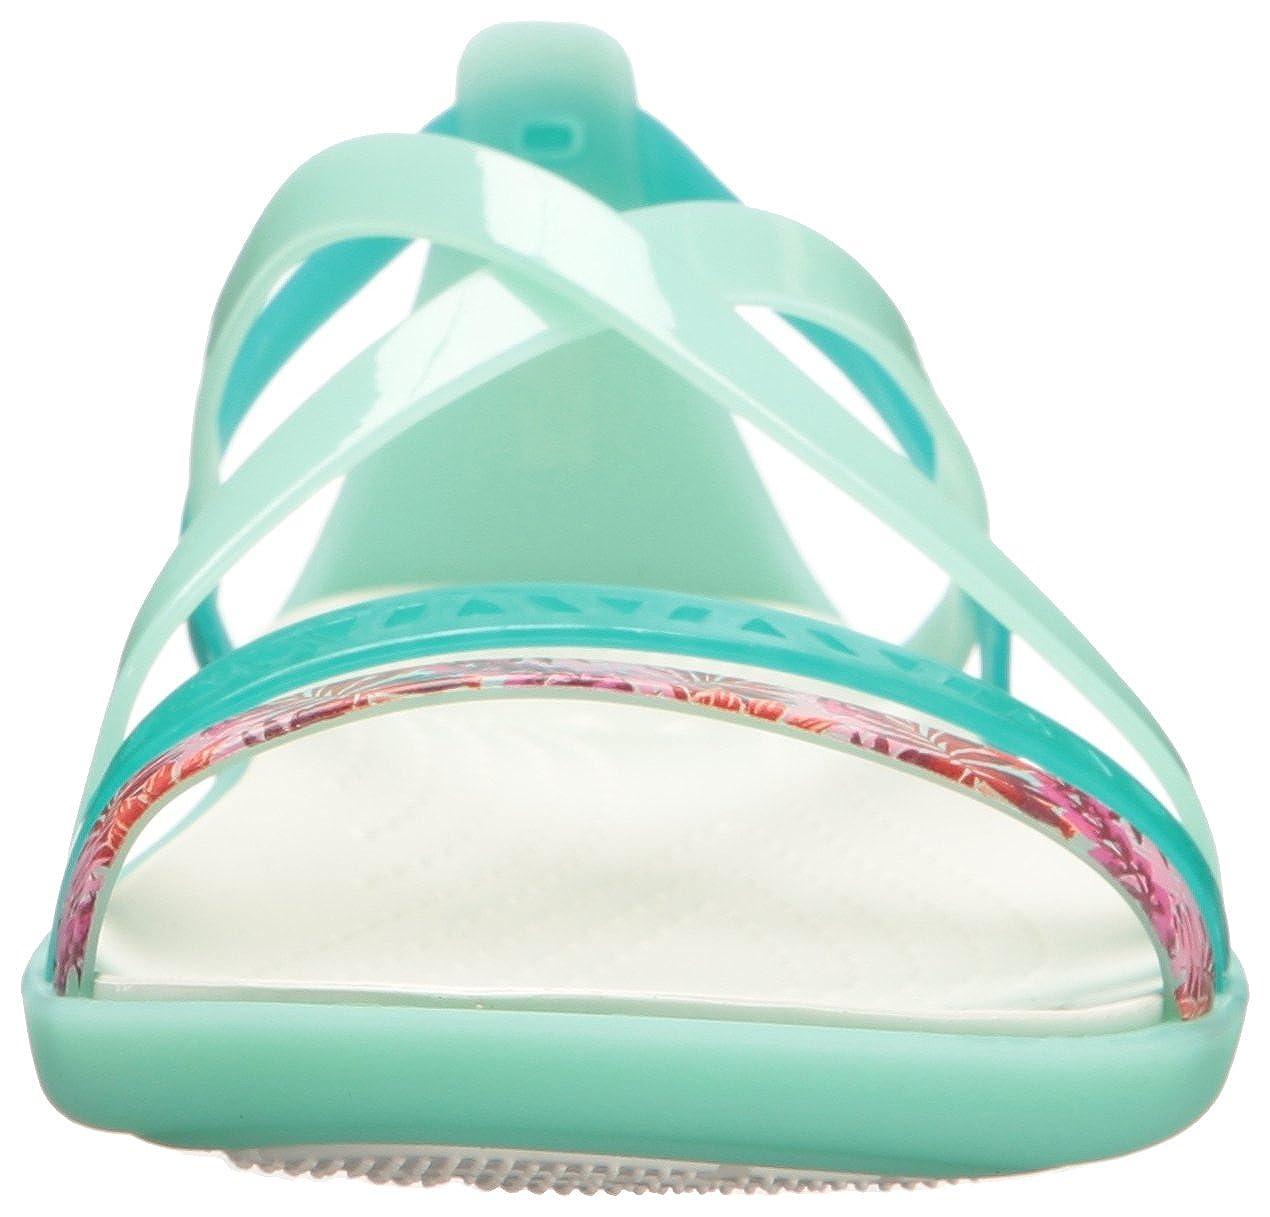 Crocs Sandale Damen Sandale Crocs Isabella Cut GRPH Strappy 205150 New Mint/Oyster 4c23c3